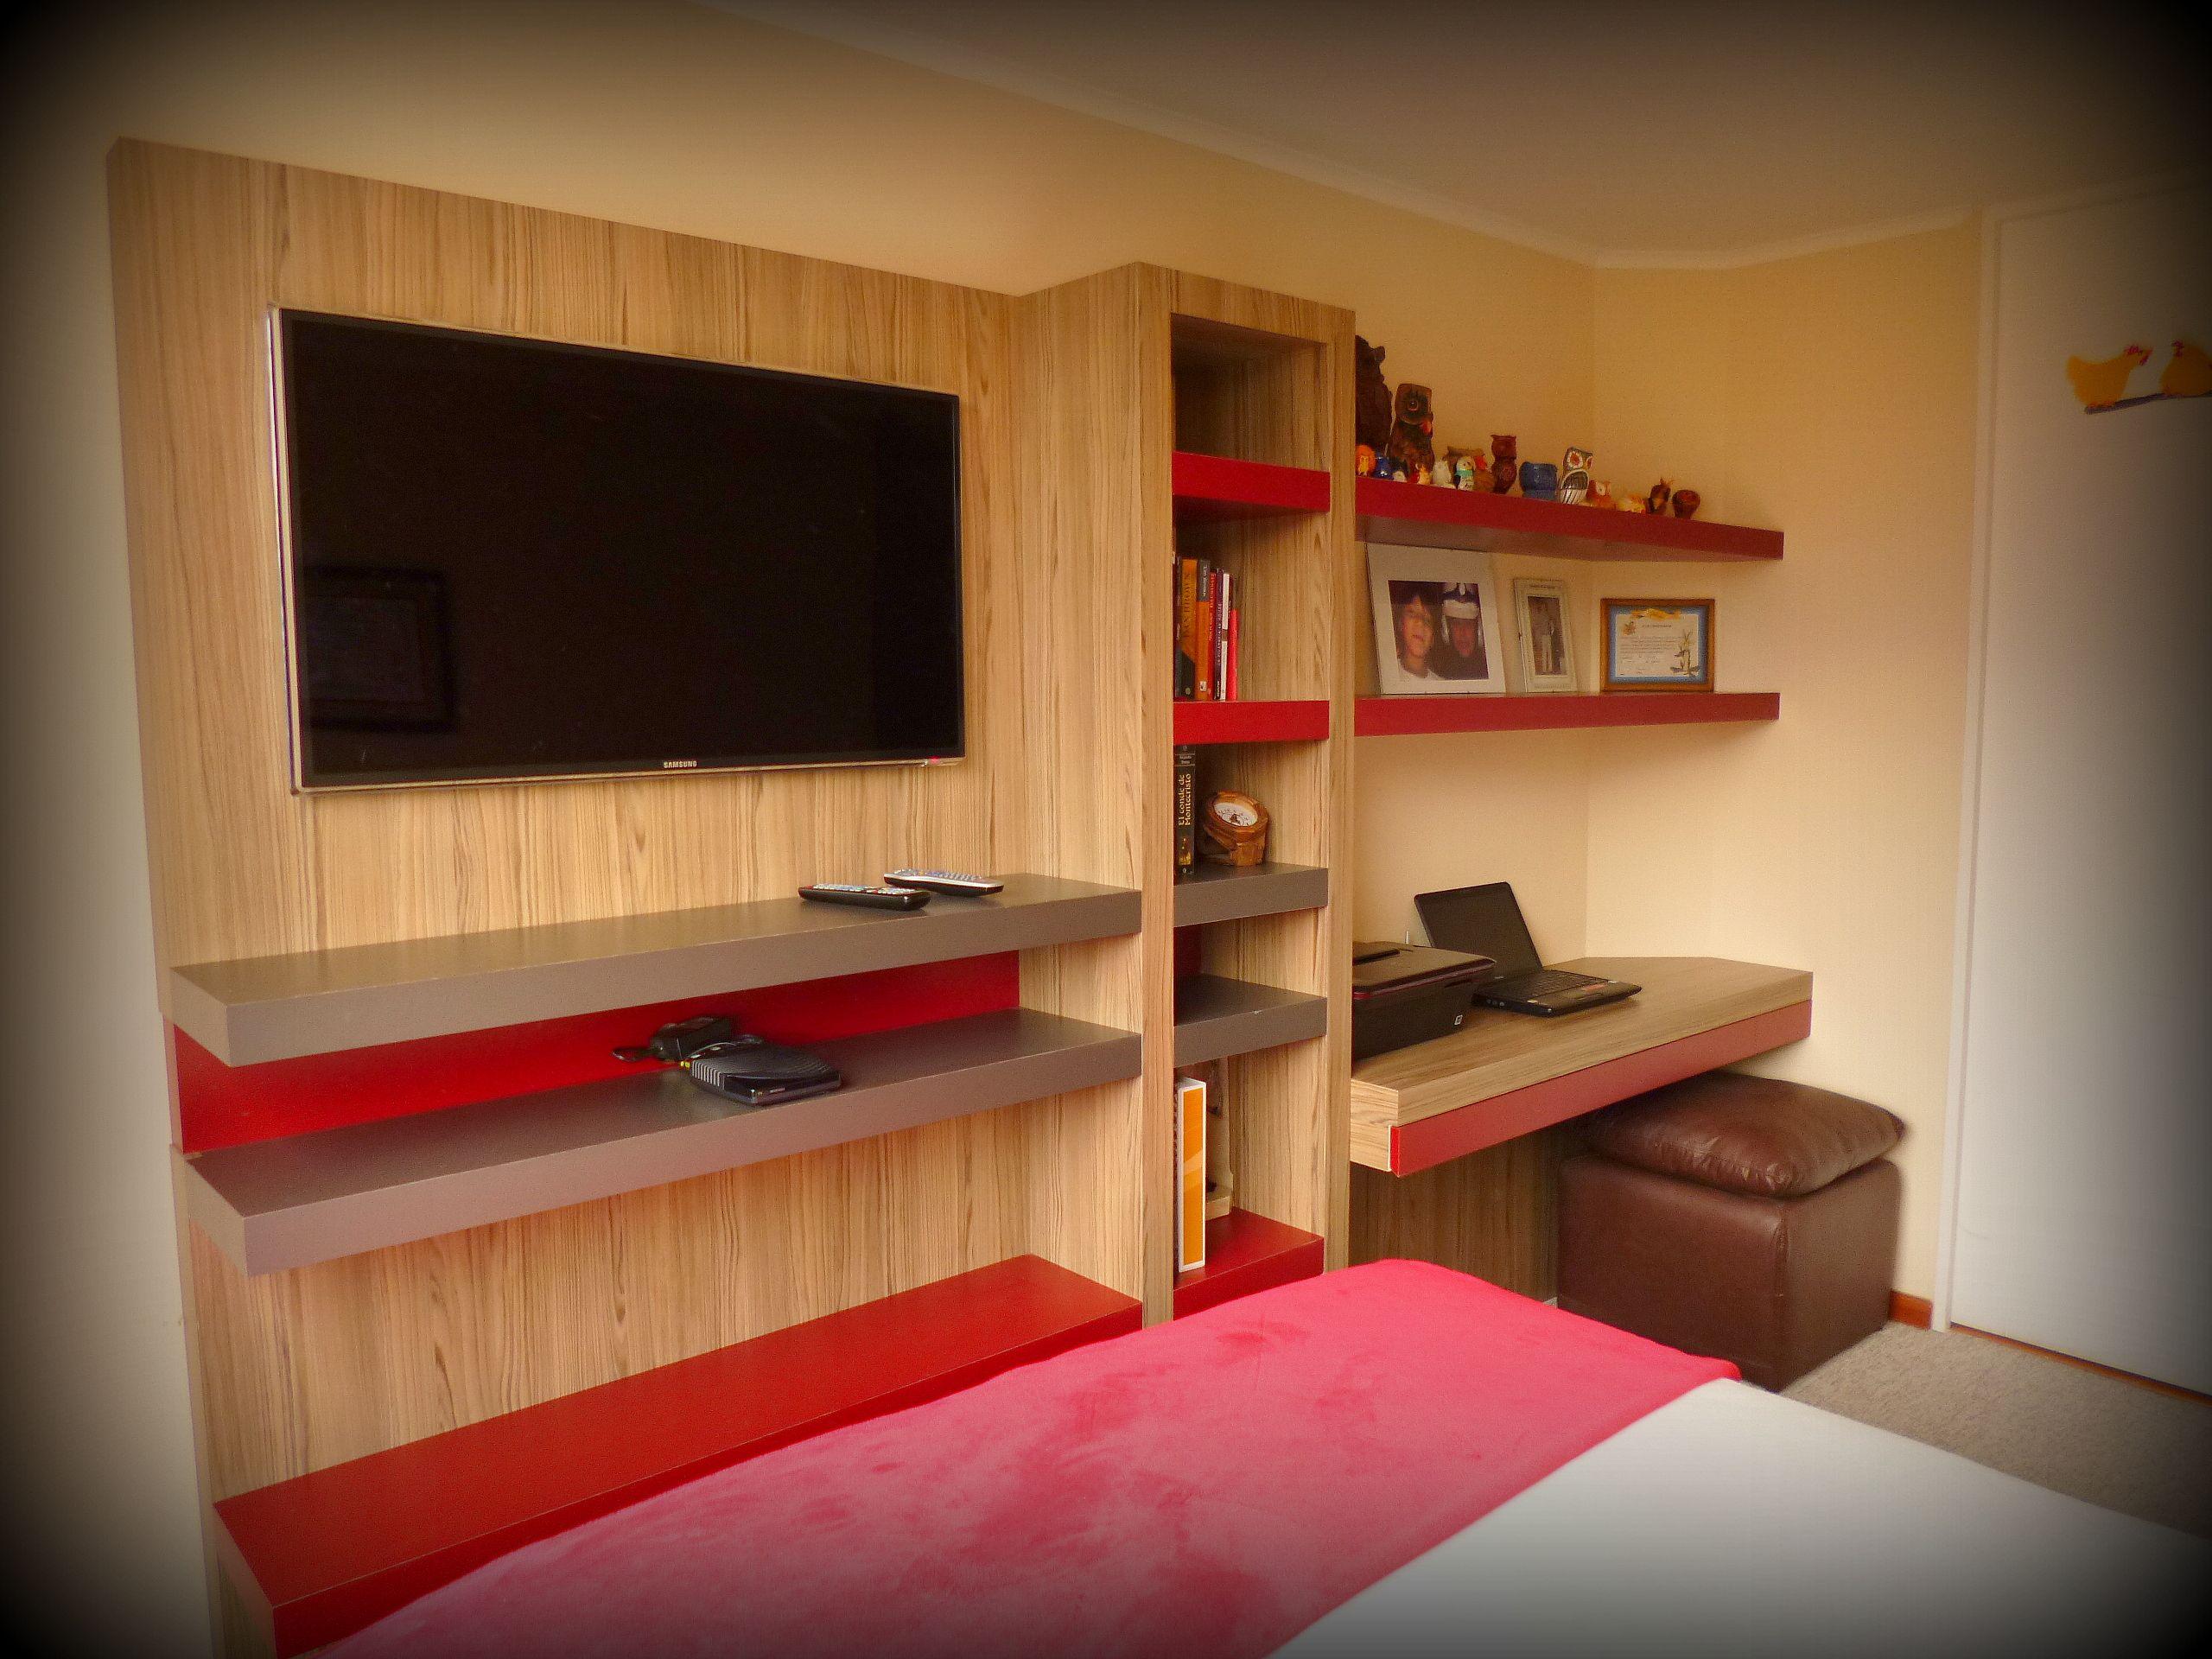 Mueble panel para tv librero con caj n profundo inferior for Mueble tv dormitorio